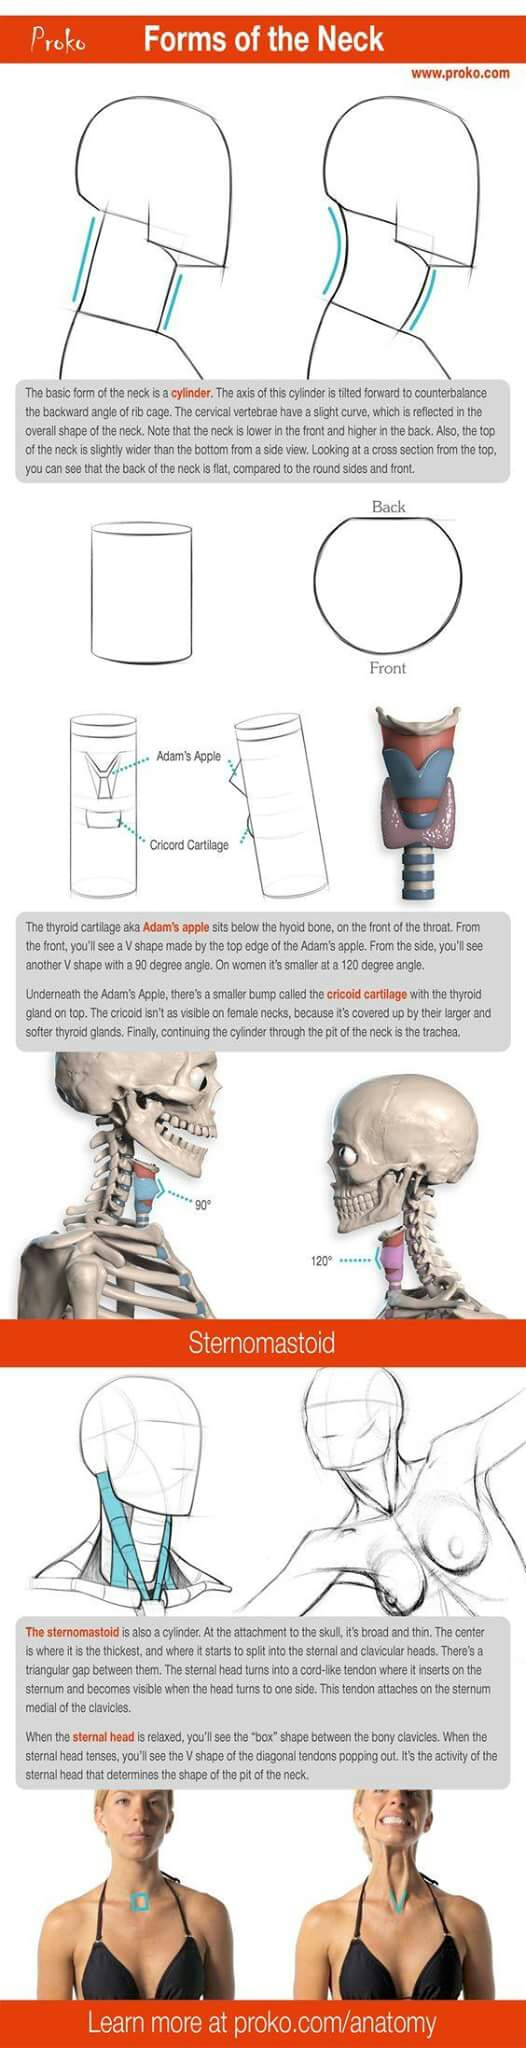 Pin de MAXI CARRION en TUTORIALES | Pinterest | Anatomía, Anatomía ...